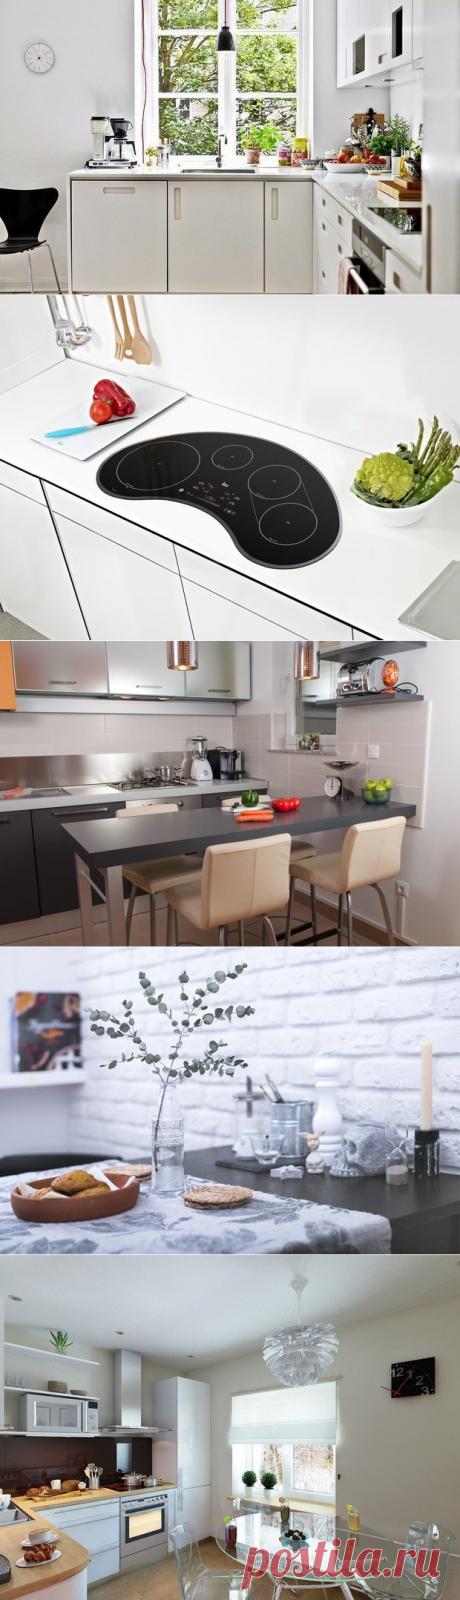 Лучшие решения для интерьера маленькой кухни   Свежие идеи дизайна интерьеров, декора, архитектуры на INMYROOM